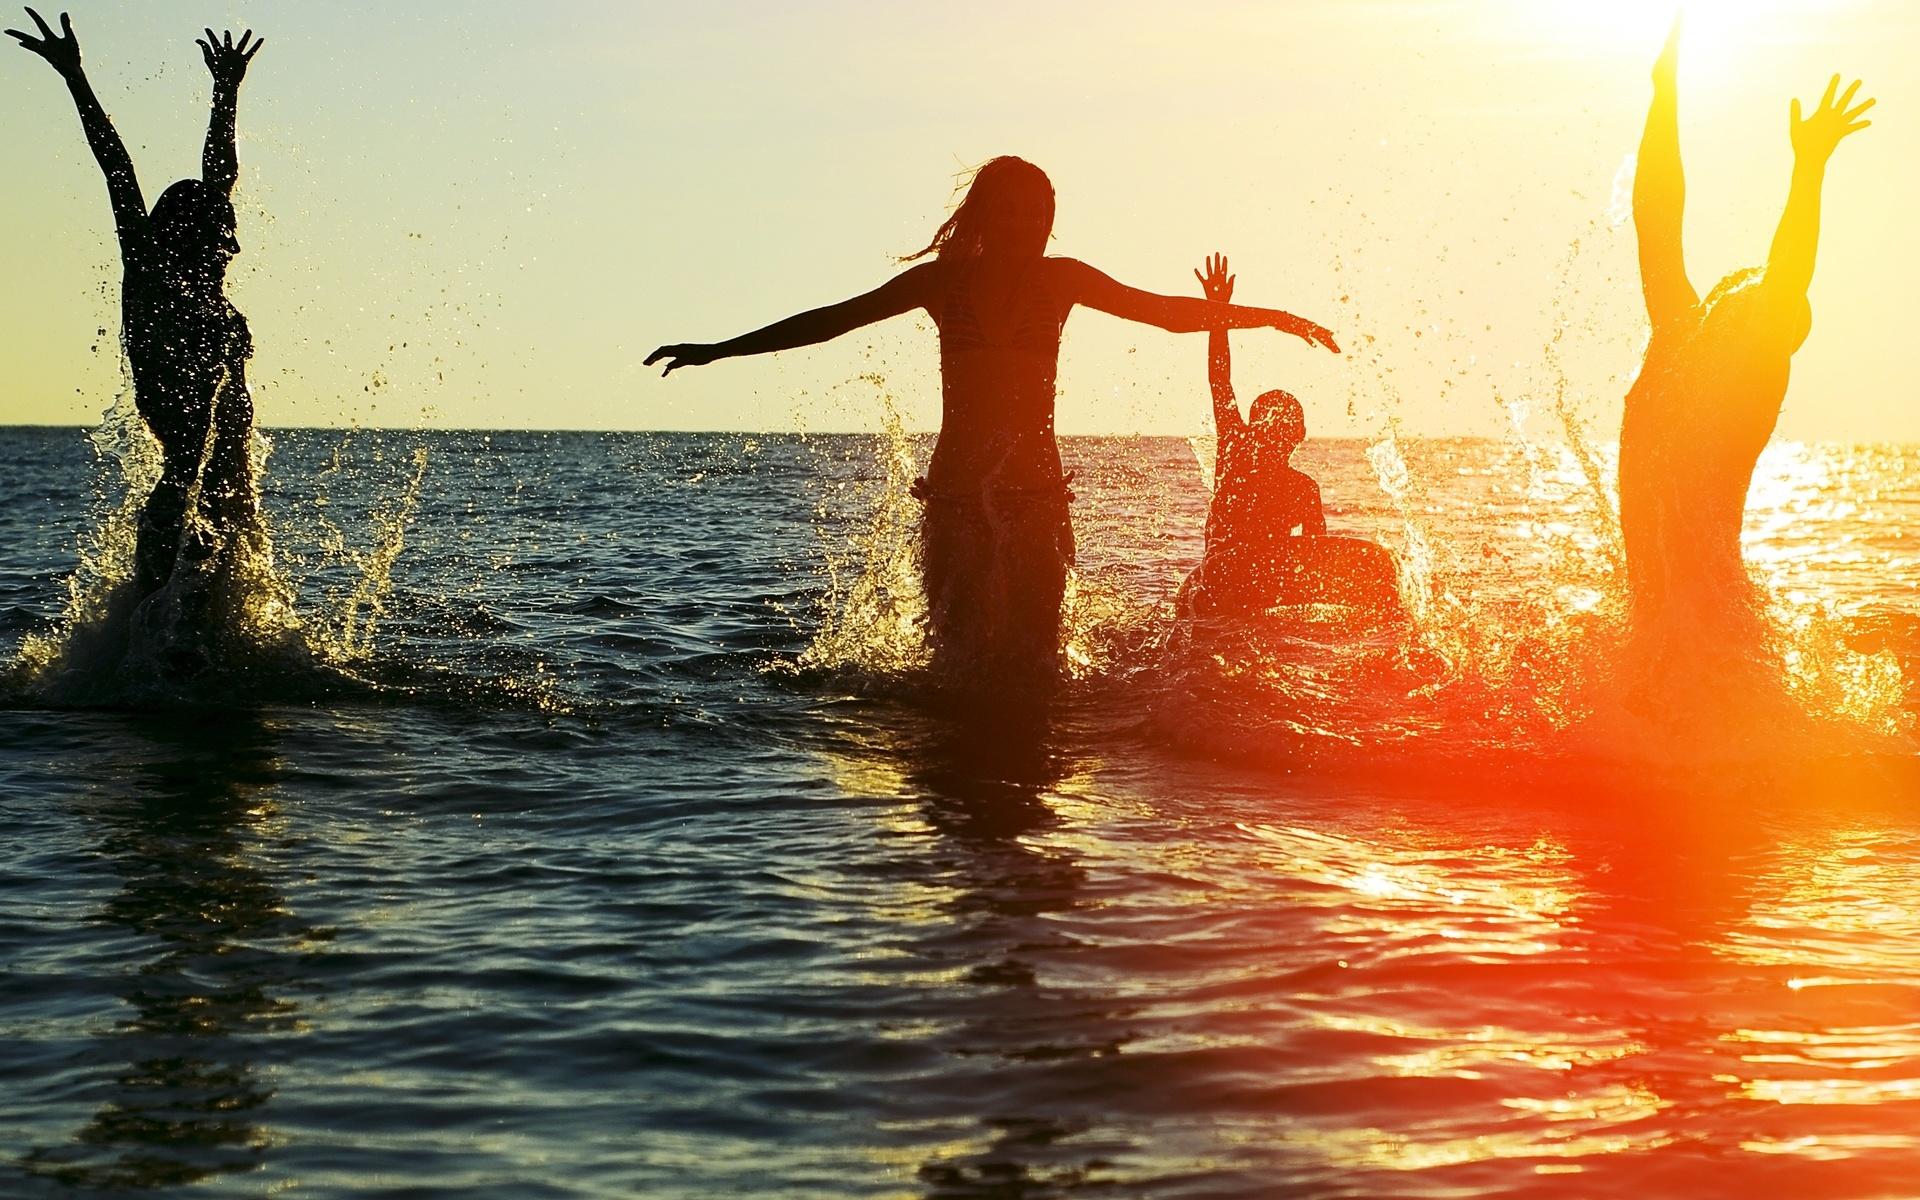 океан, вода, люди, веселье, брызги, капли, солнце, компания, закат